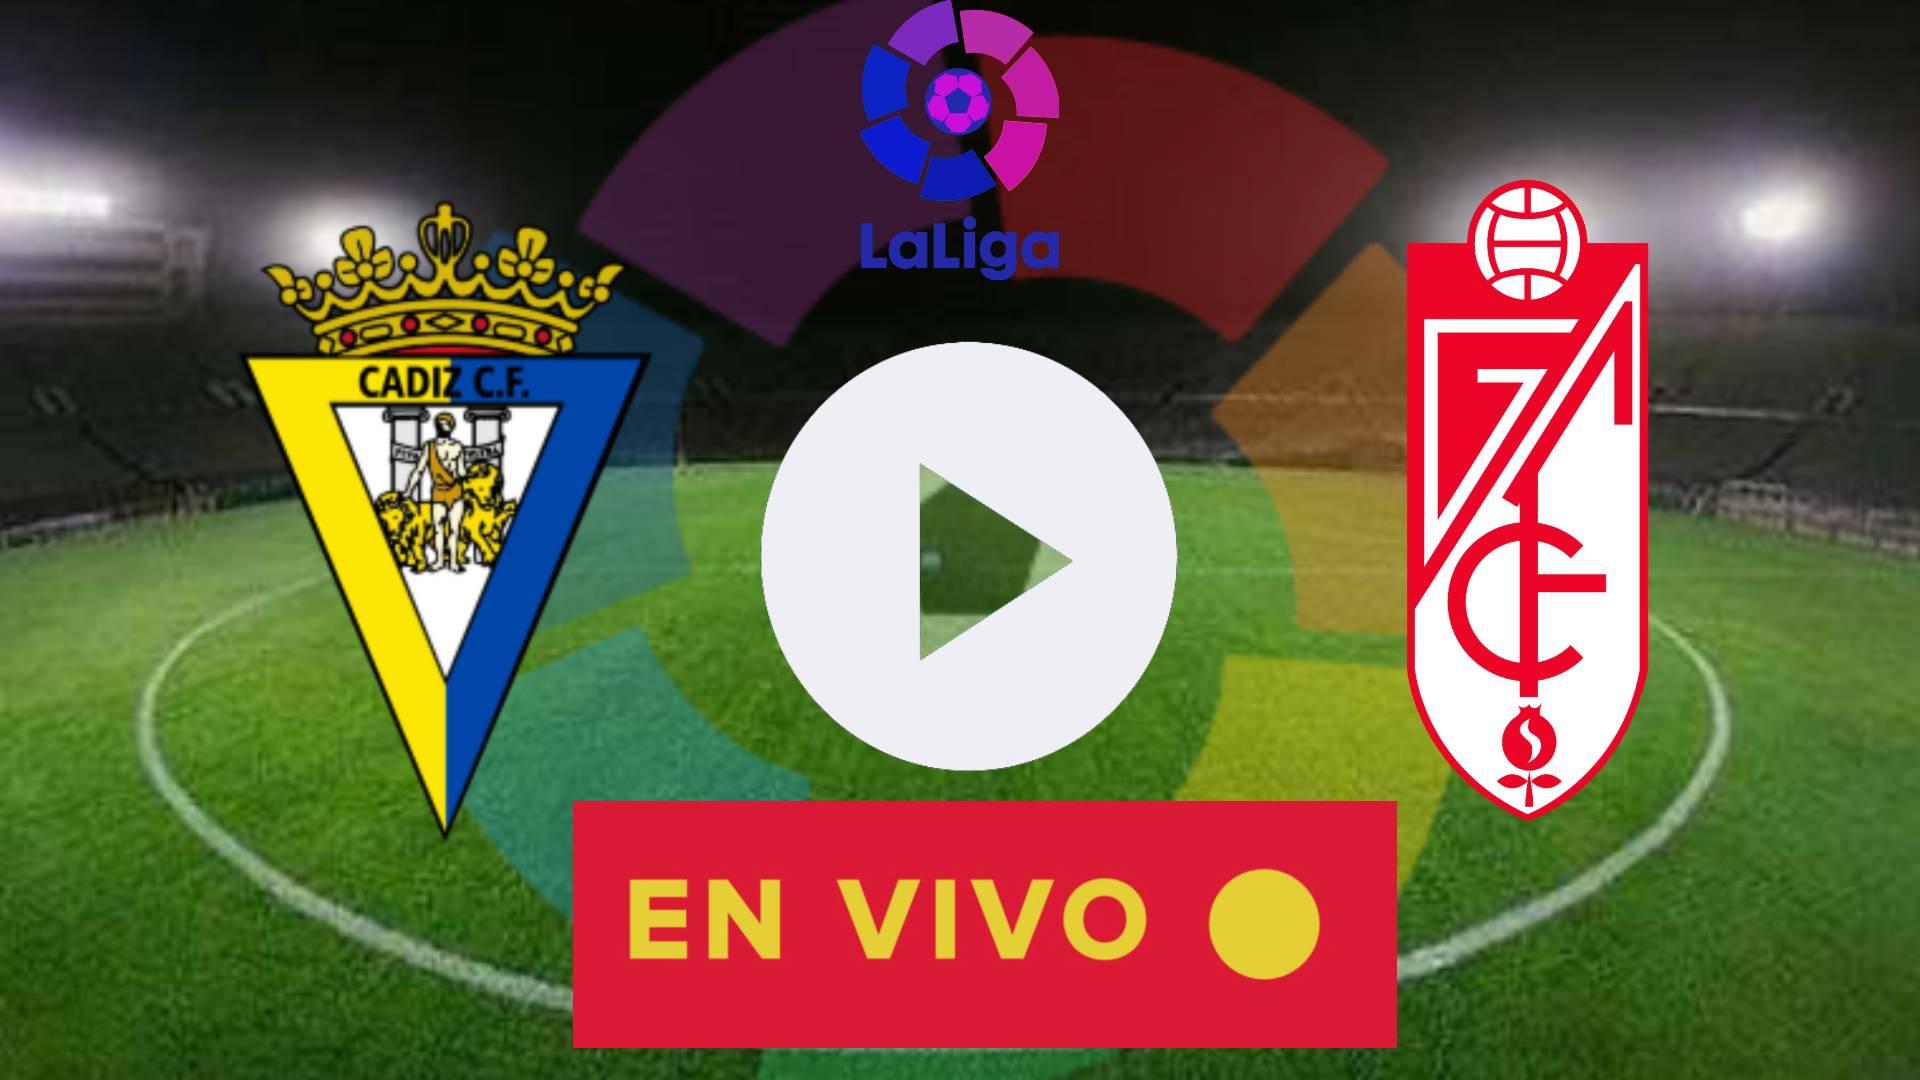 MIRAR AQUI EN VIVO Cadiz vs Granada ONLINE HORARIOS Y CANALES DE TV QUE TRANSMITEN LA LIGA 2020